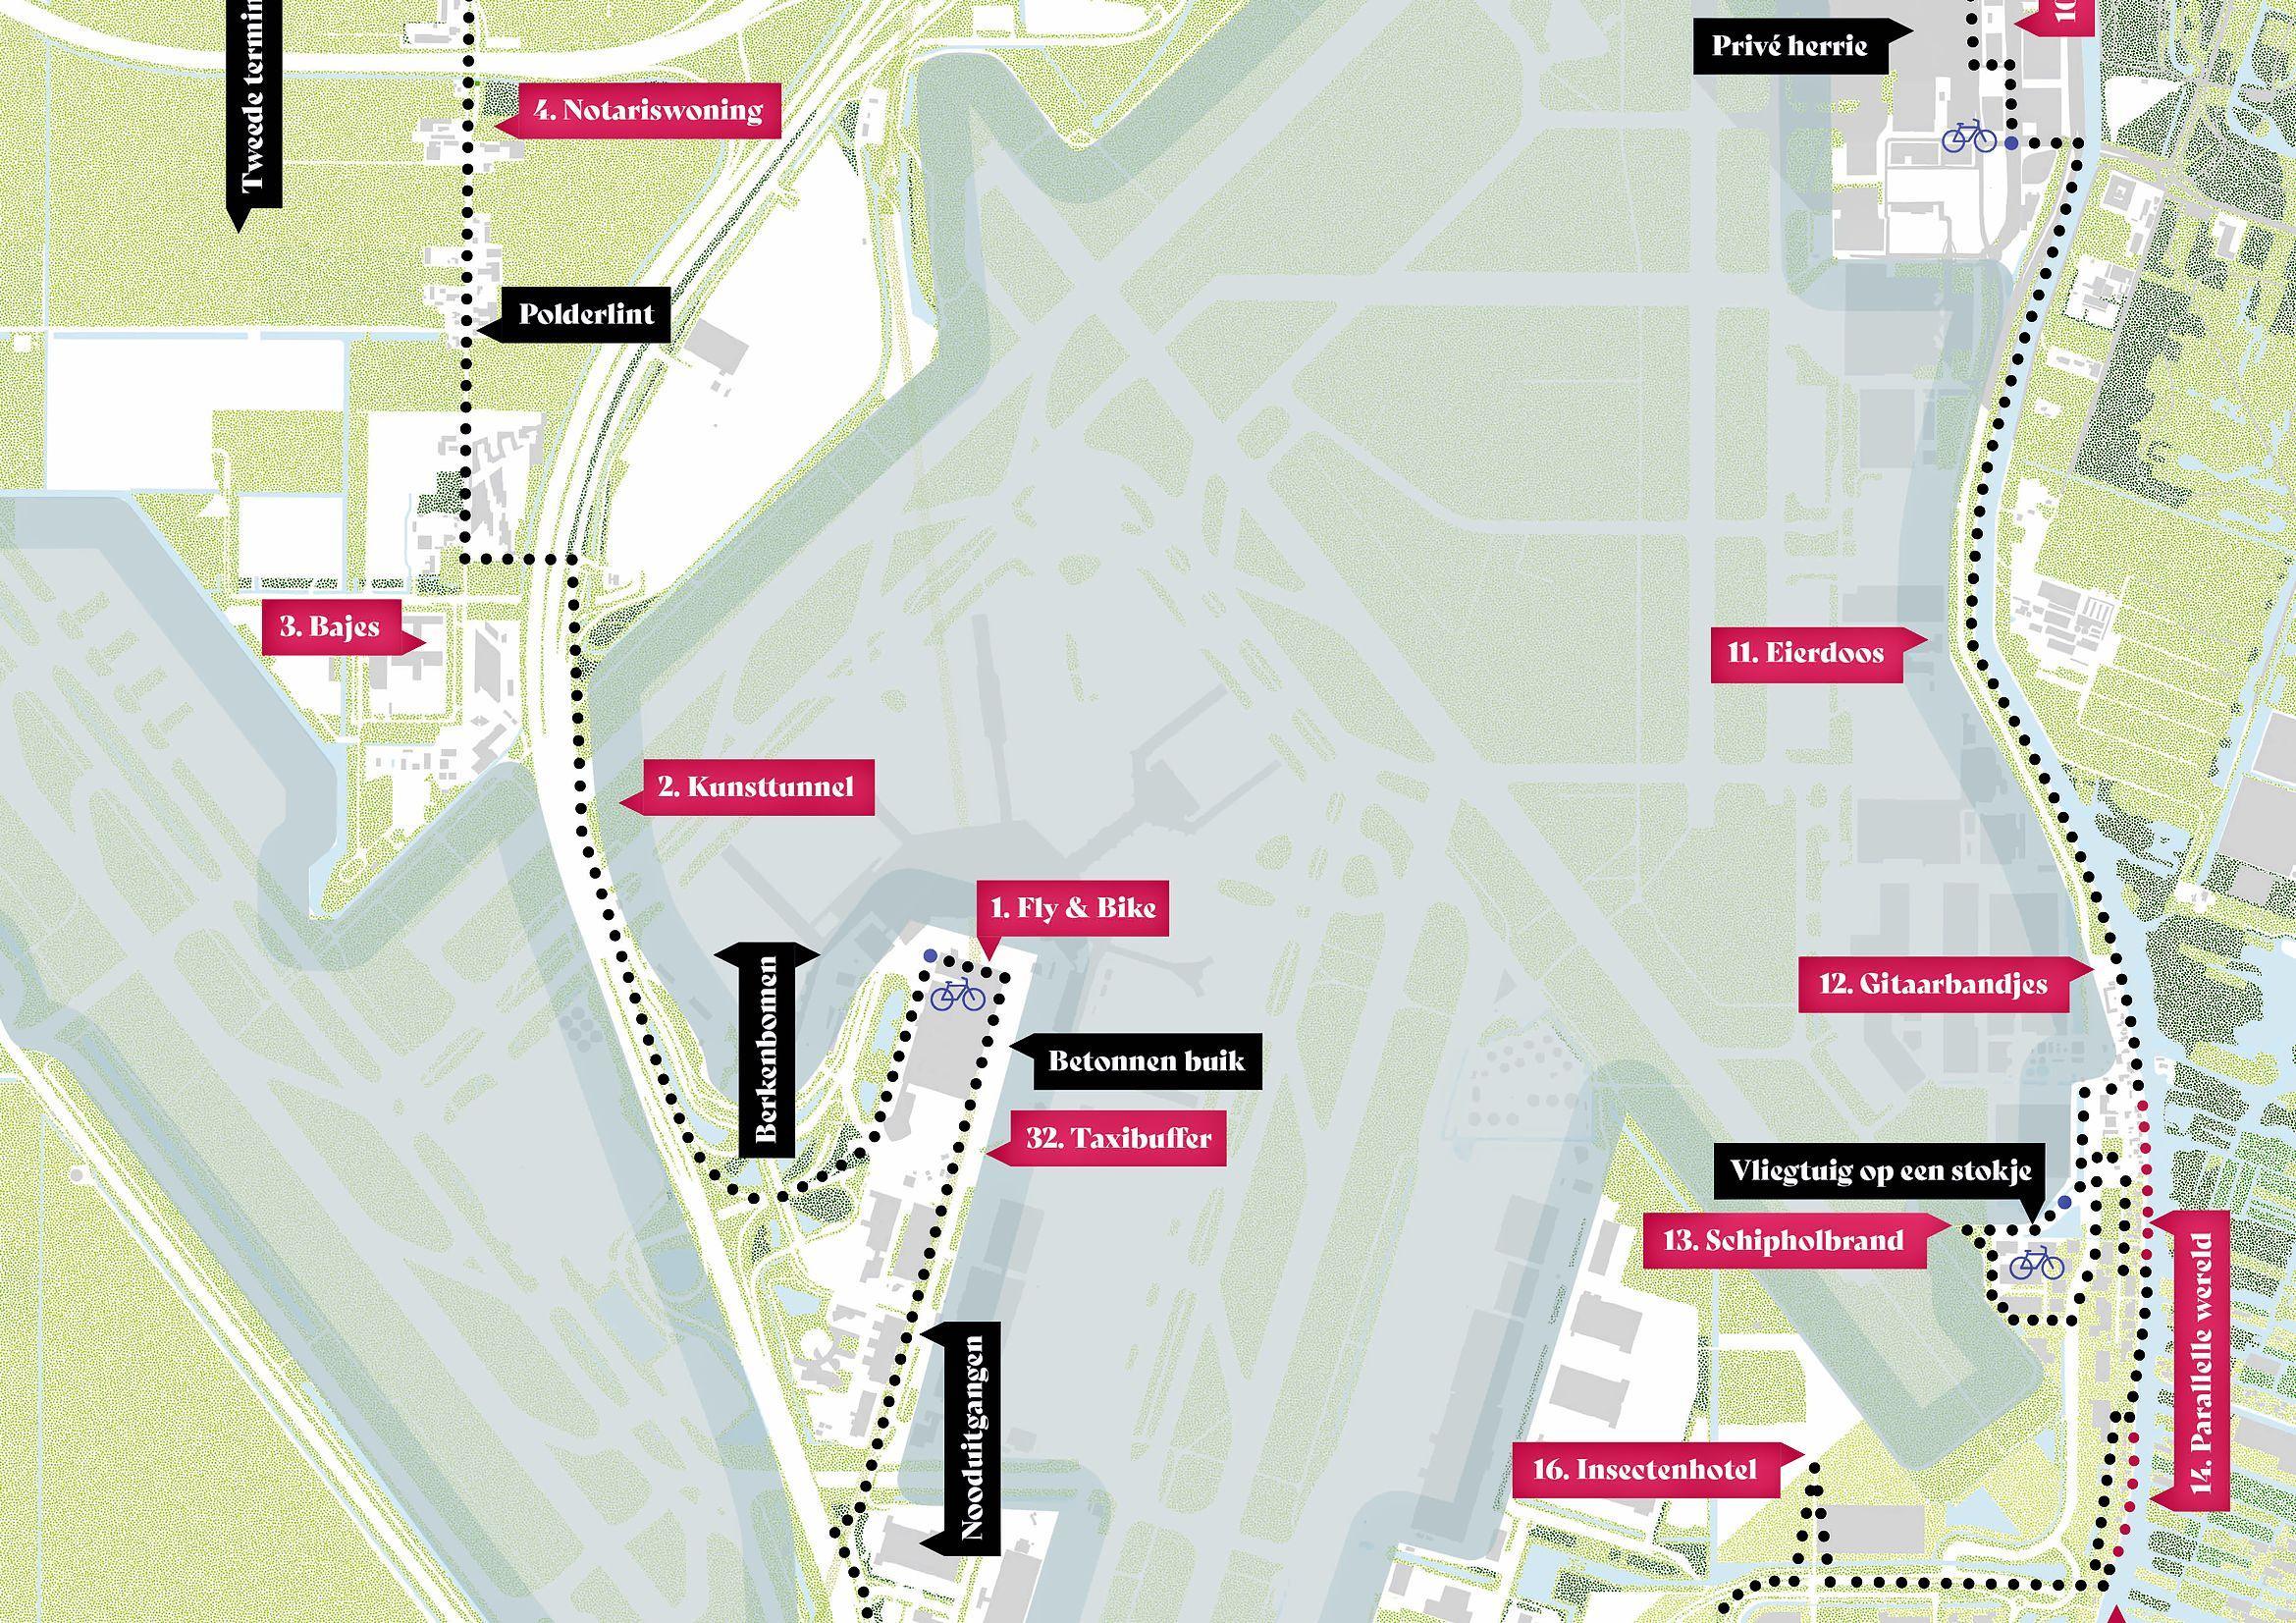 Luchthaven verkennen op de fiets met speciale route rond Schiphol